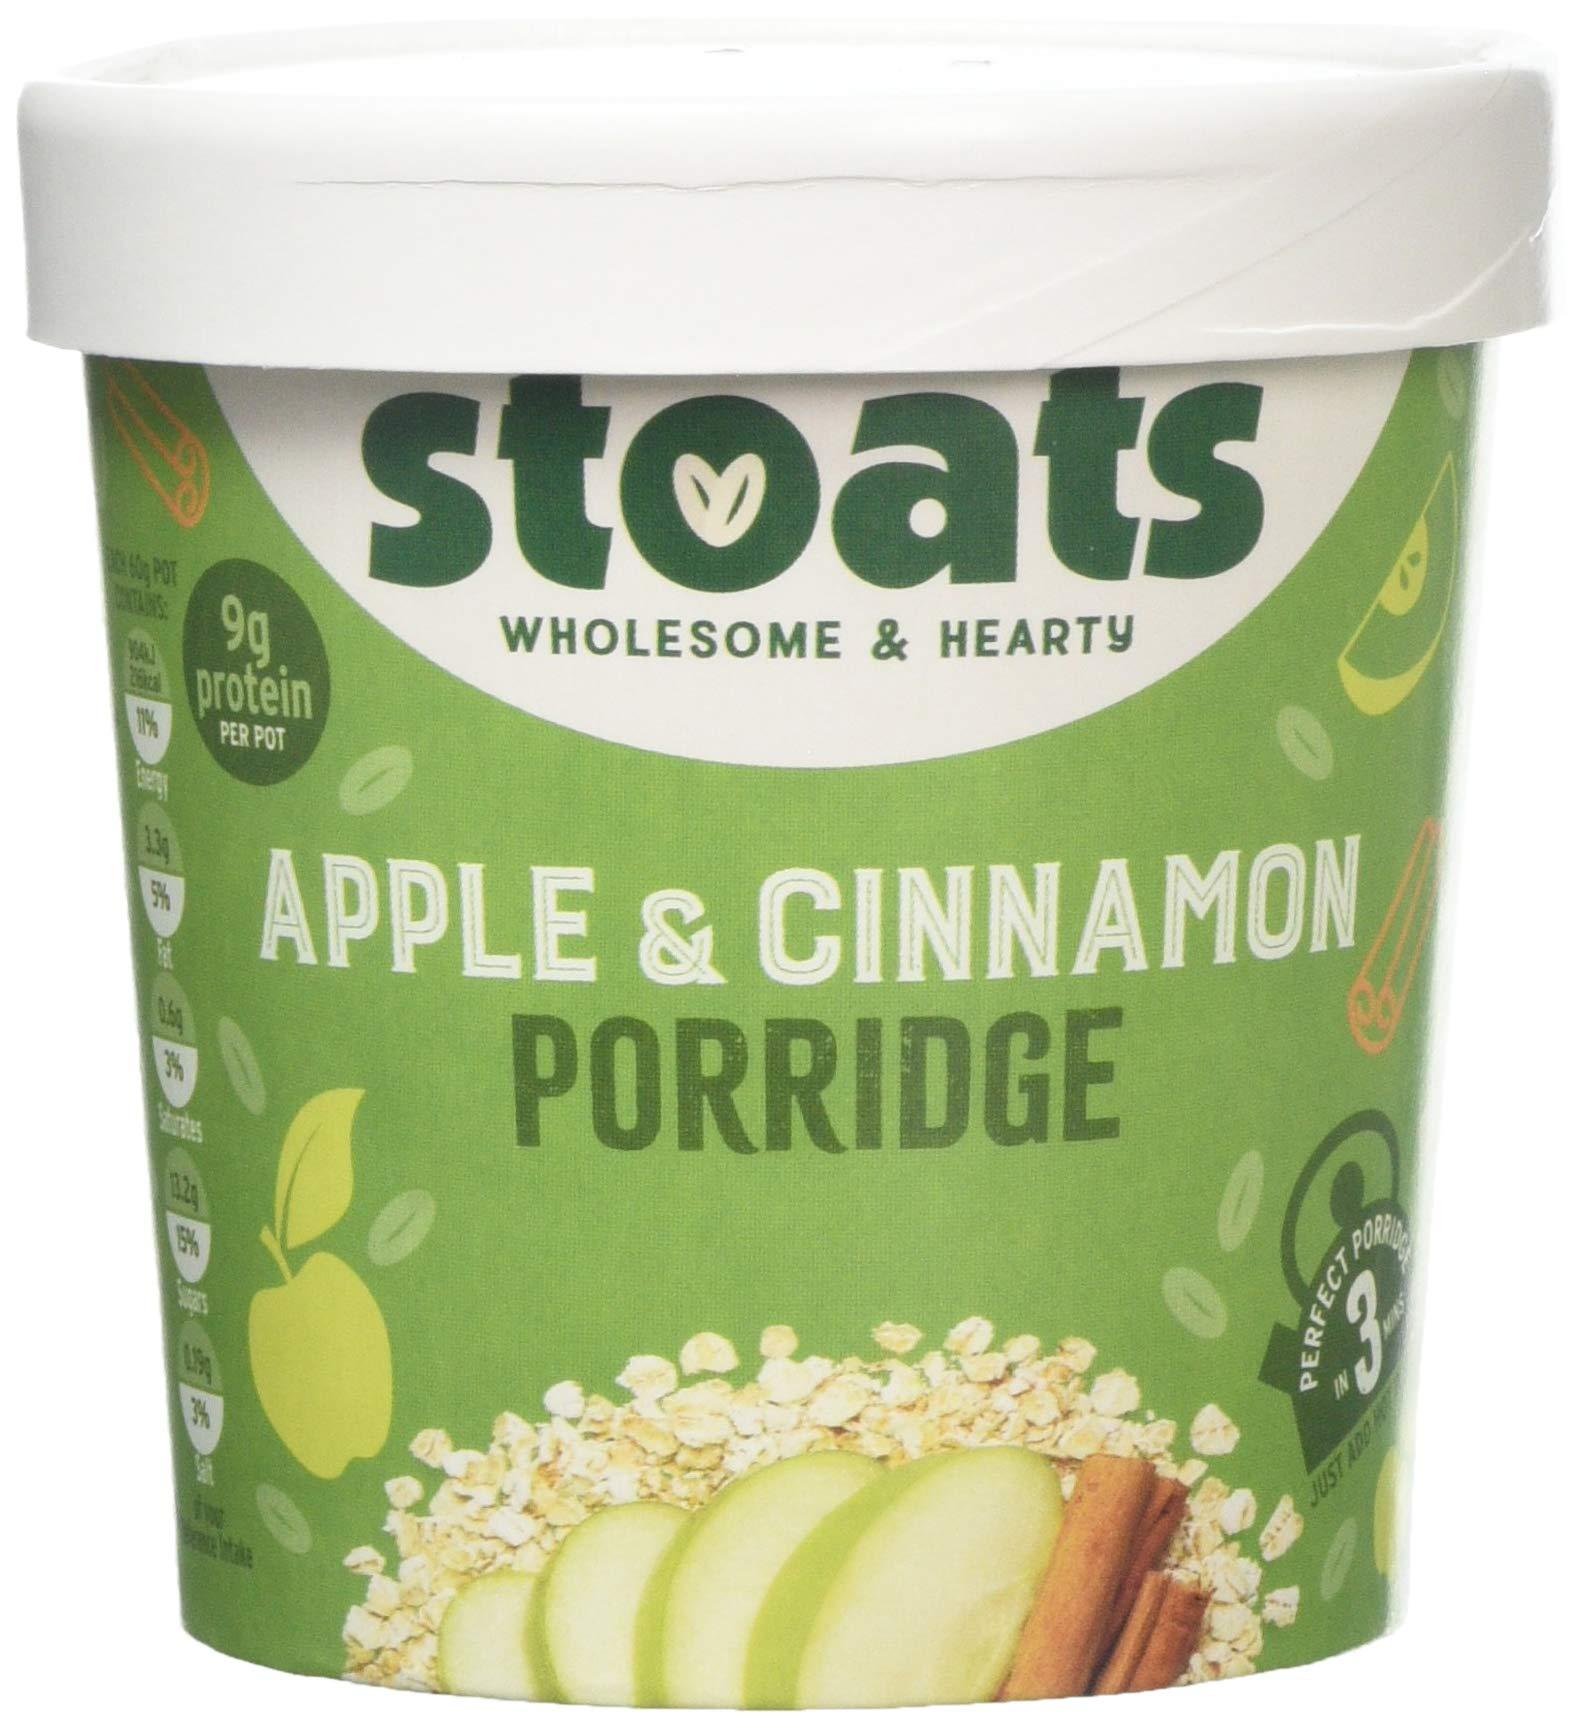 Stoats Apple and Cinnamon Porridge Pot 20 g Pack of 20  Buy ...